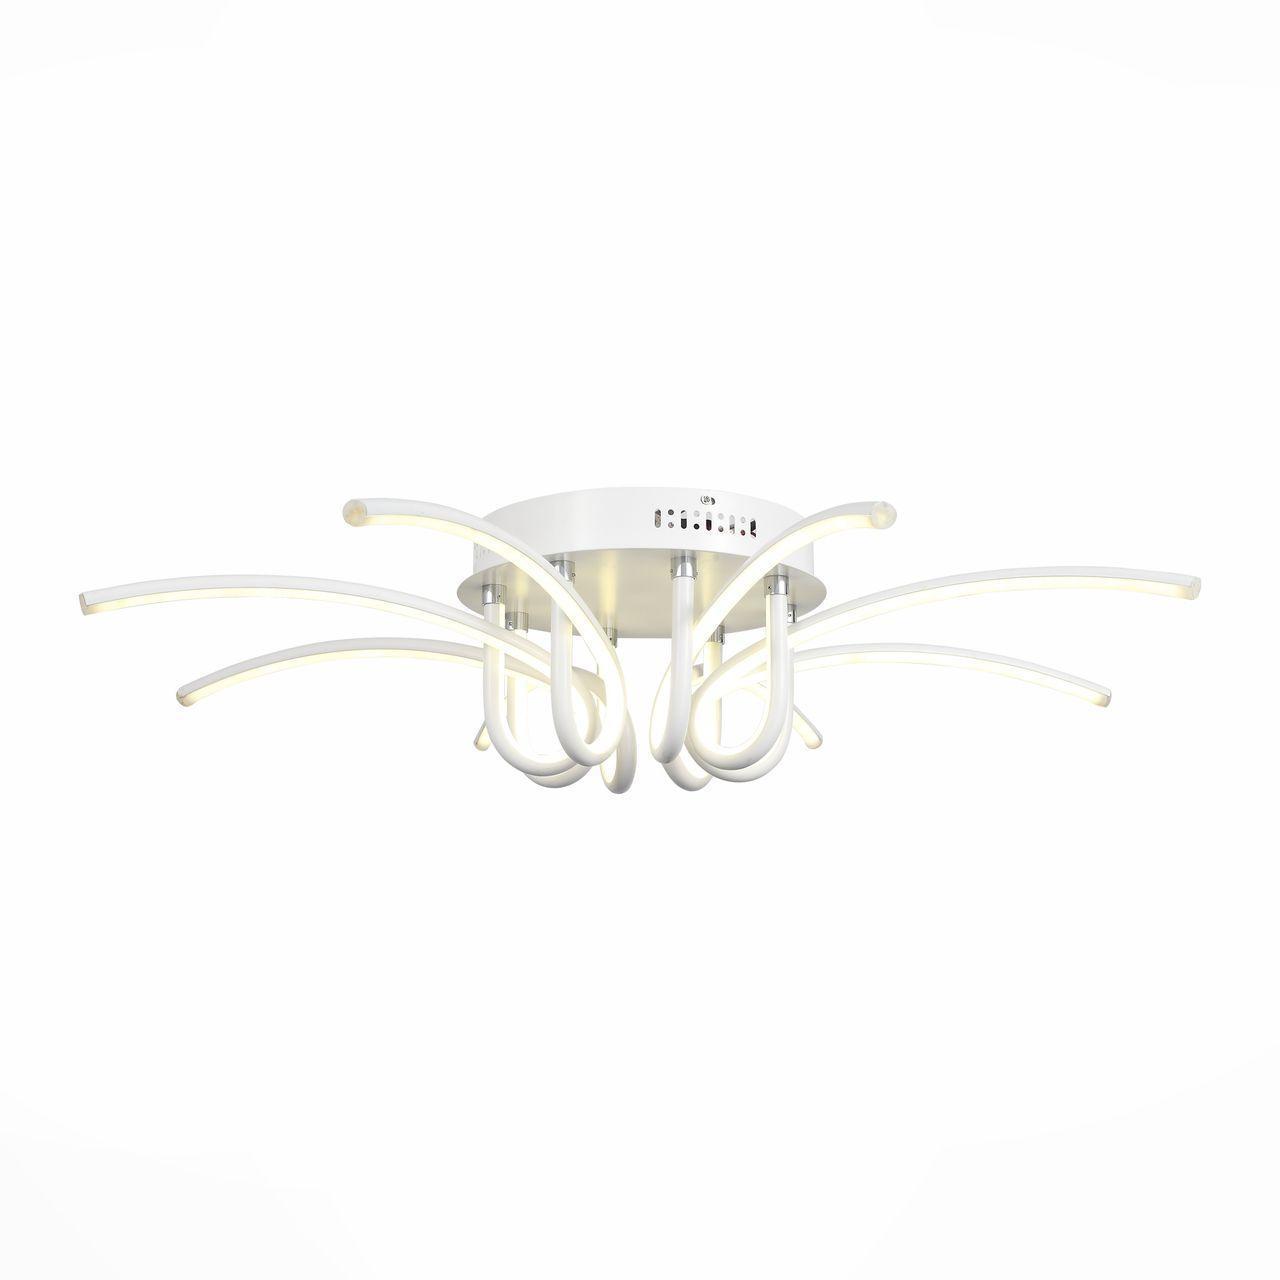 Люстра ST Luce Intrigo SL953.502.08 потолочная цена и фото